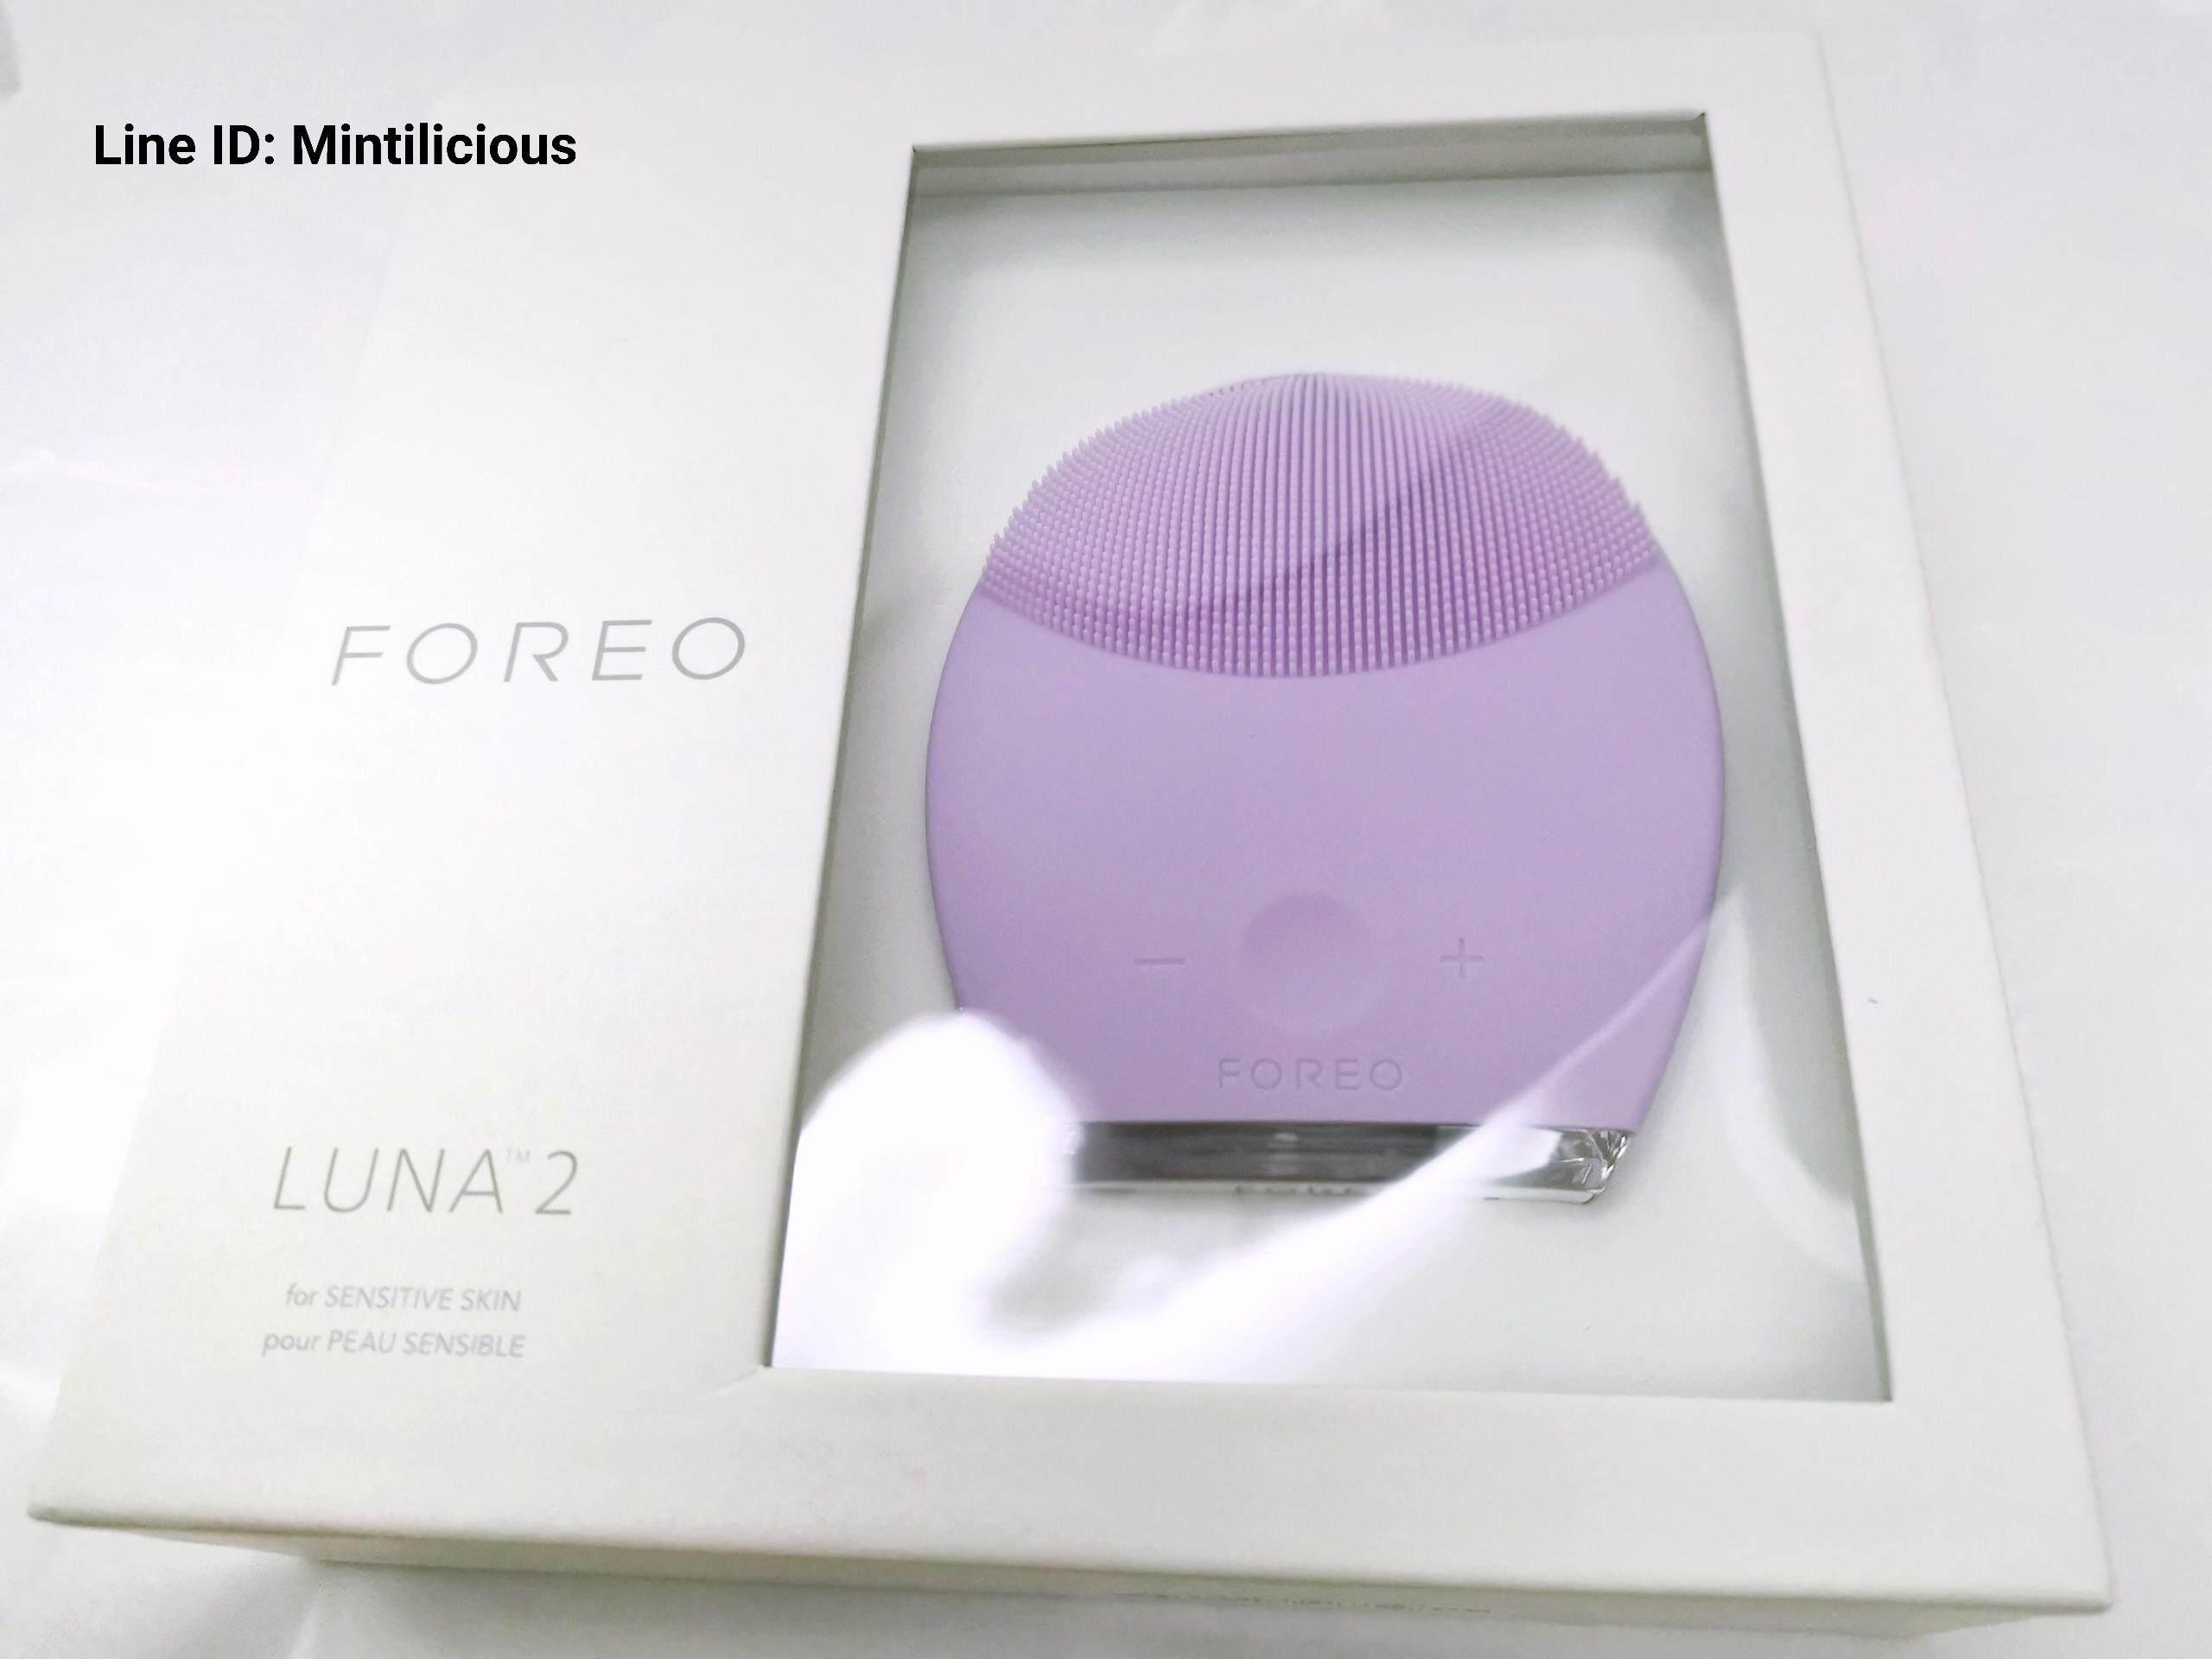 สอนใช้งาน  อุตรดิตถ์ Foreo Luna 2 ของแท้ พร้อมส่ง